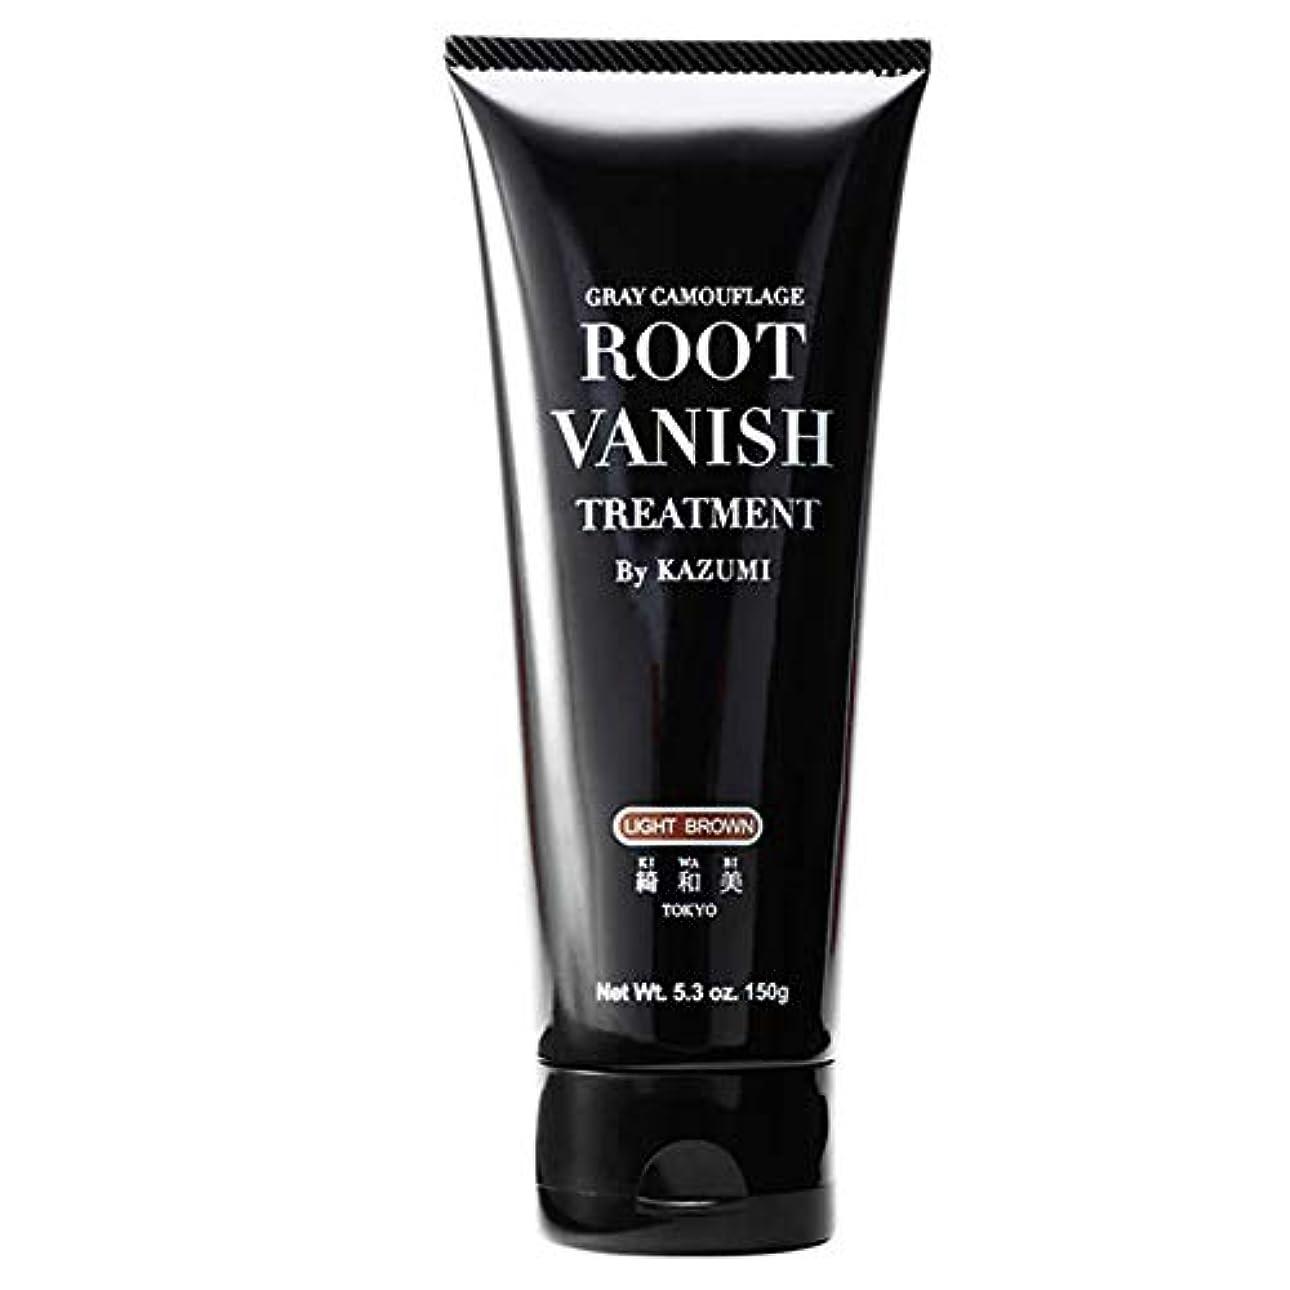 読書抽象化検索Root Vanish 白髪染め (ライトブラウン) ヘアカラートリートメント 女性用 [100%天然成分 / 無添加22種類の植物エキス配合]